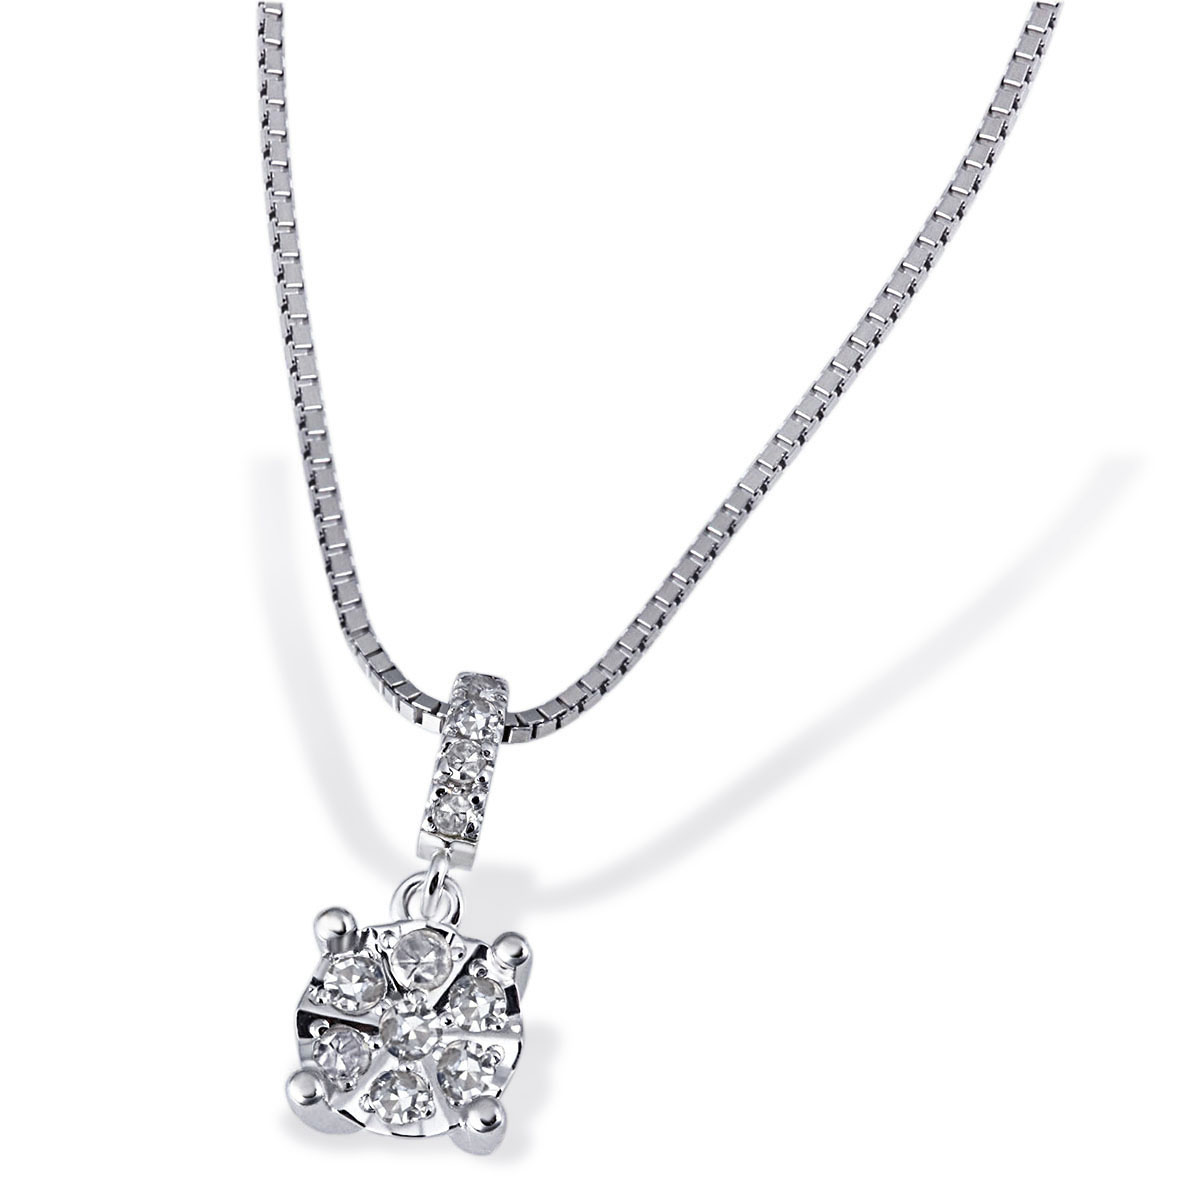 Goldmaid-585-Weiss-oder-Gelbgold-Ring-Collier-oder-Ohrringe-mit-Diamanten